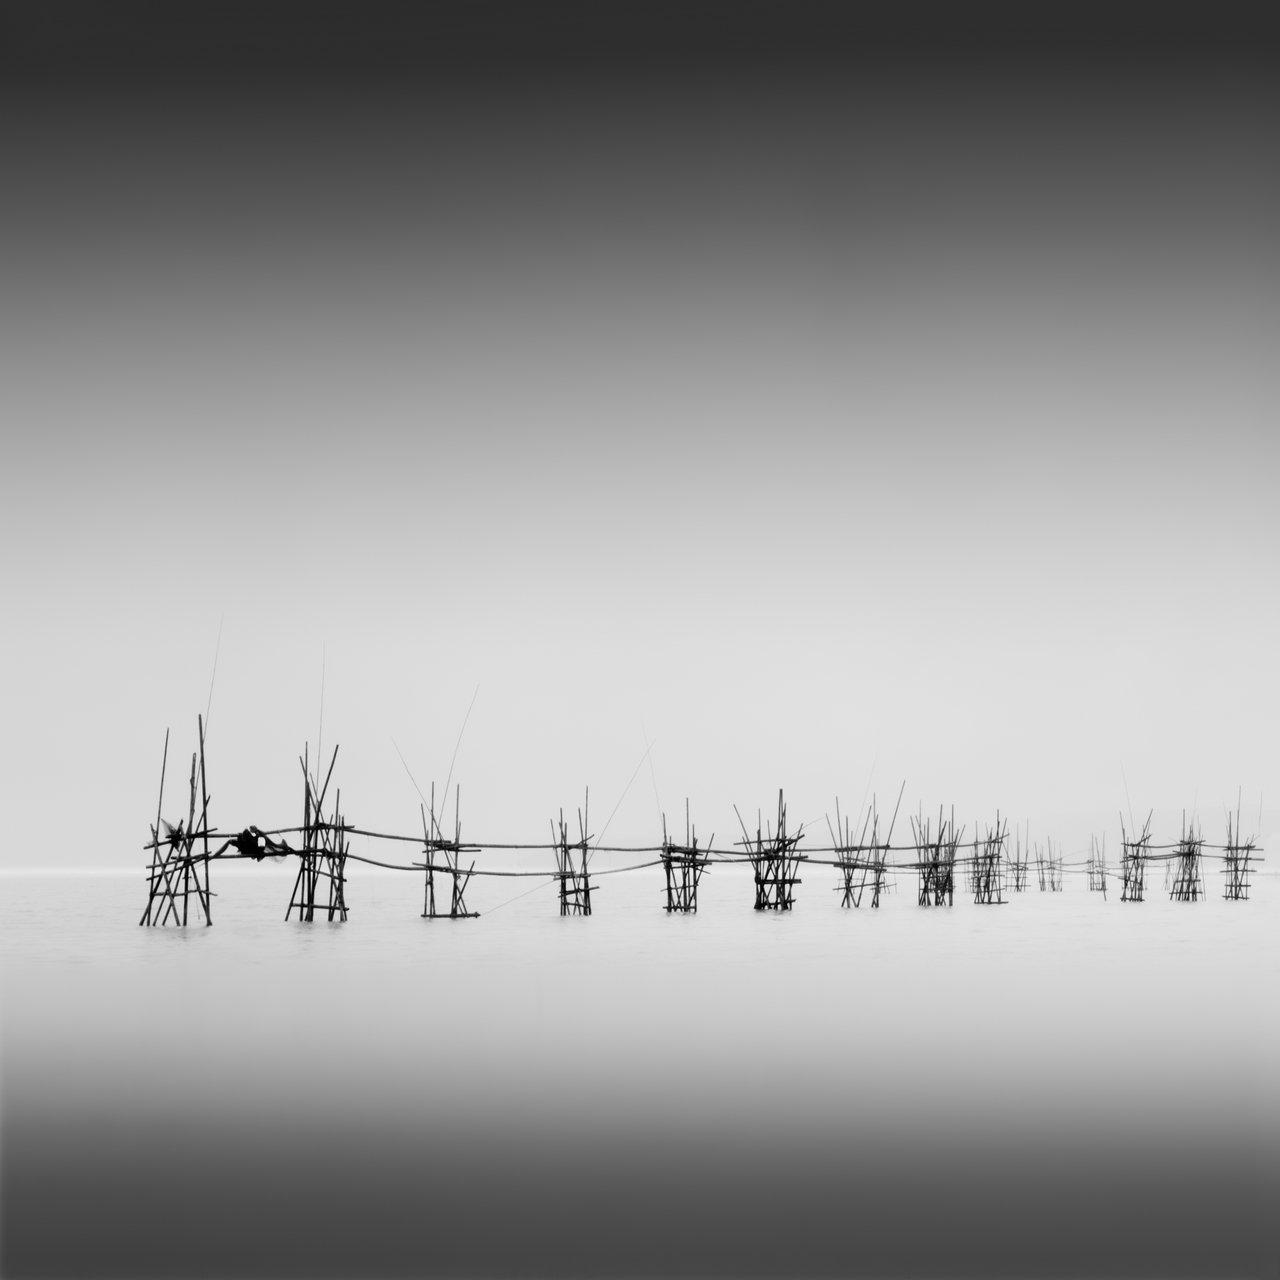 Fishing Frames - Sarawak South China Sea